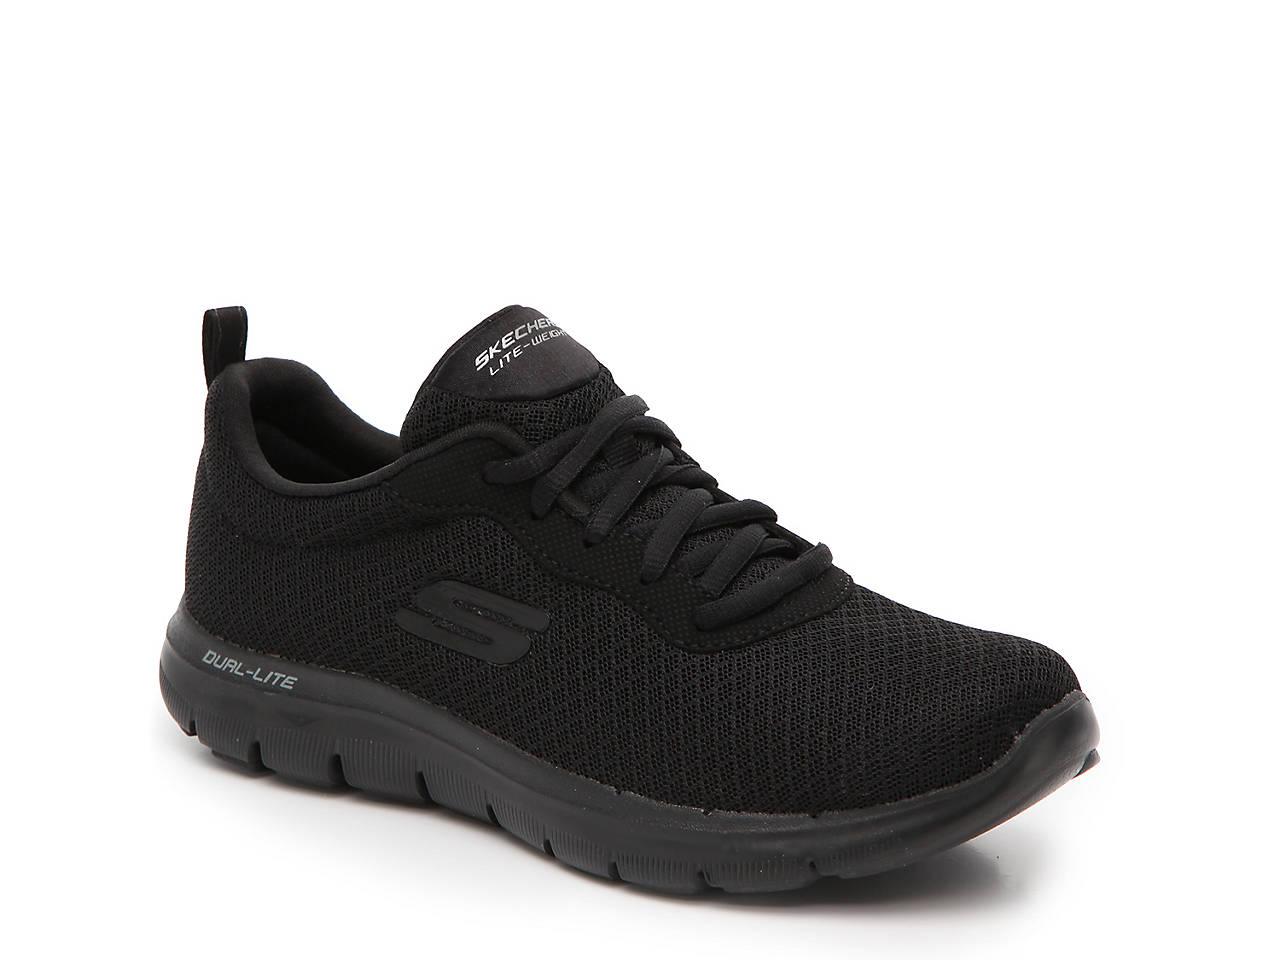 12381152baa5 Skechers Flex Appeal 2.0 Sneaker - Women s Women s Shoes